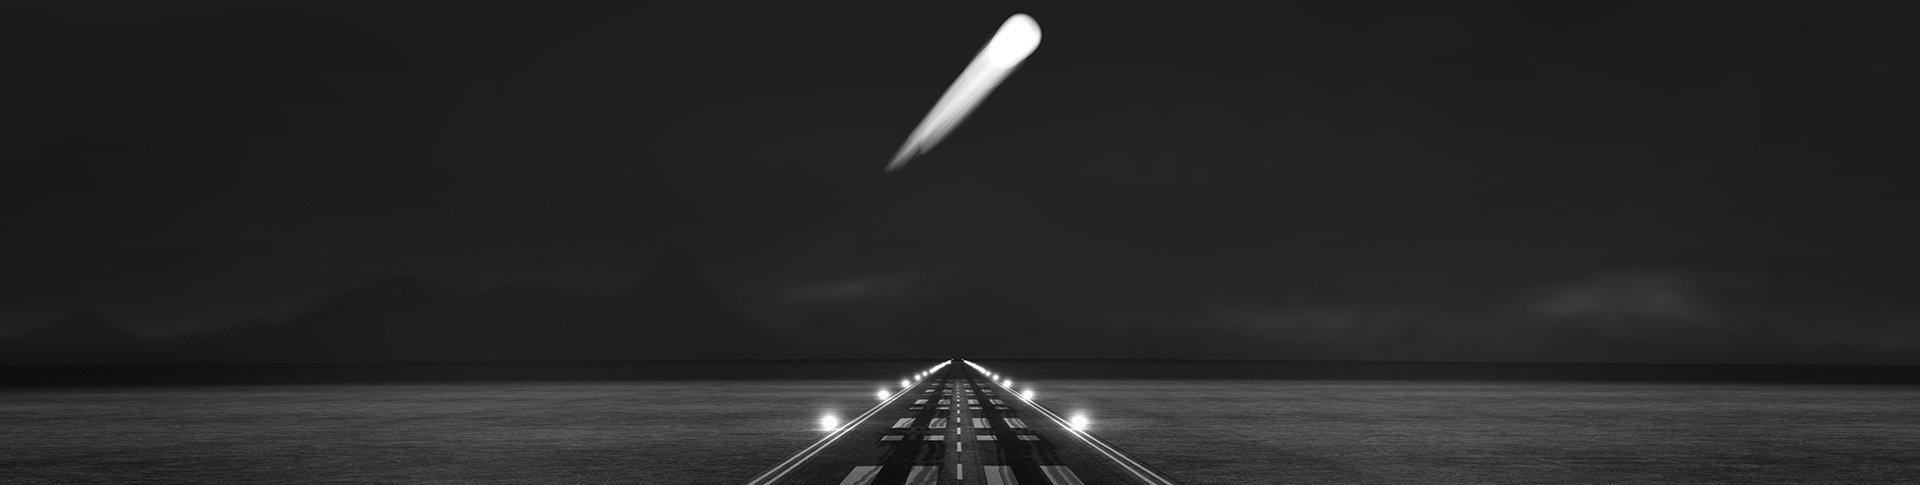 Airbus UpNext